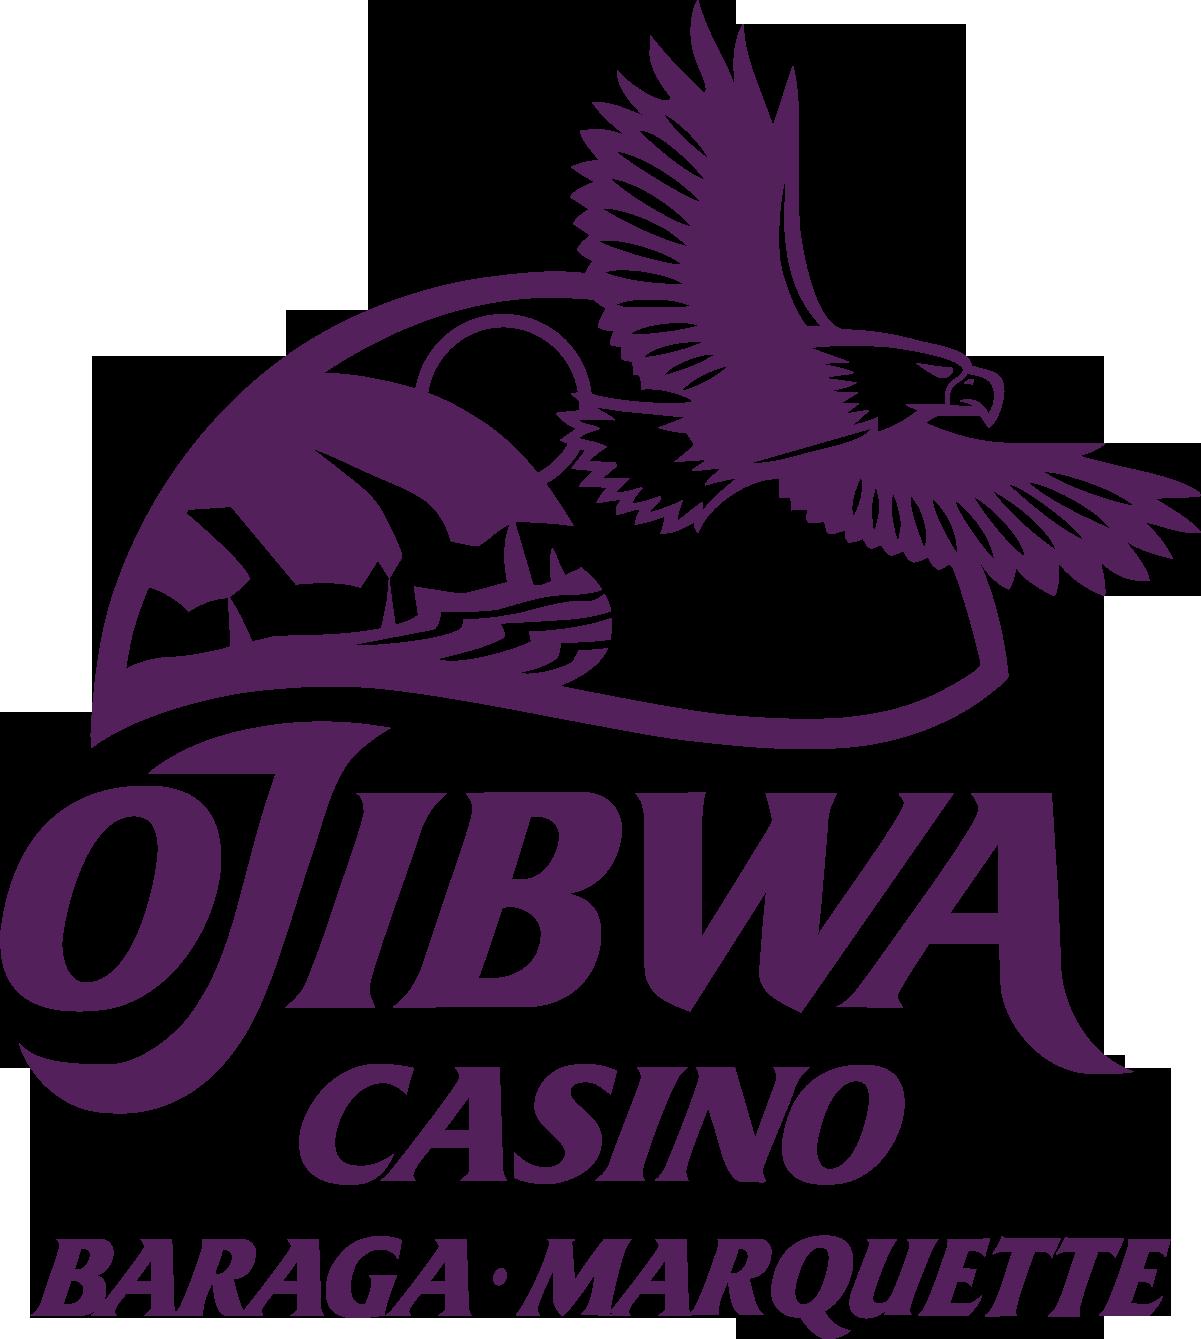 Register to win at Ojibwa Casino